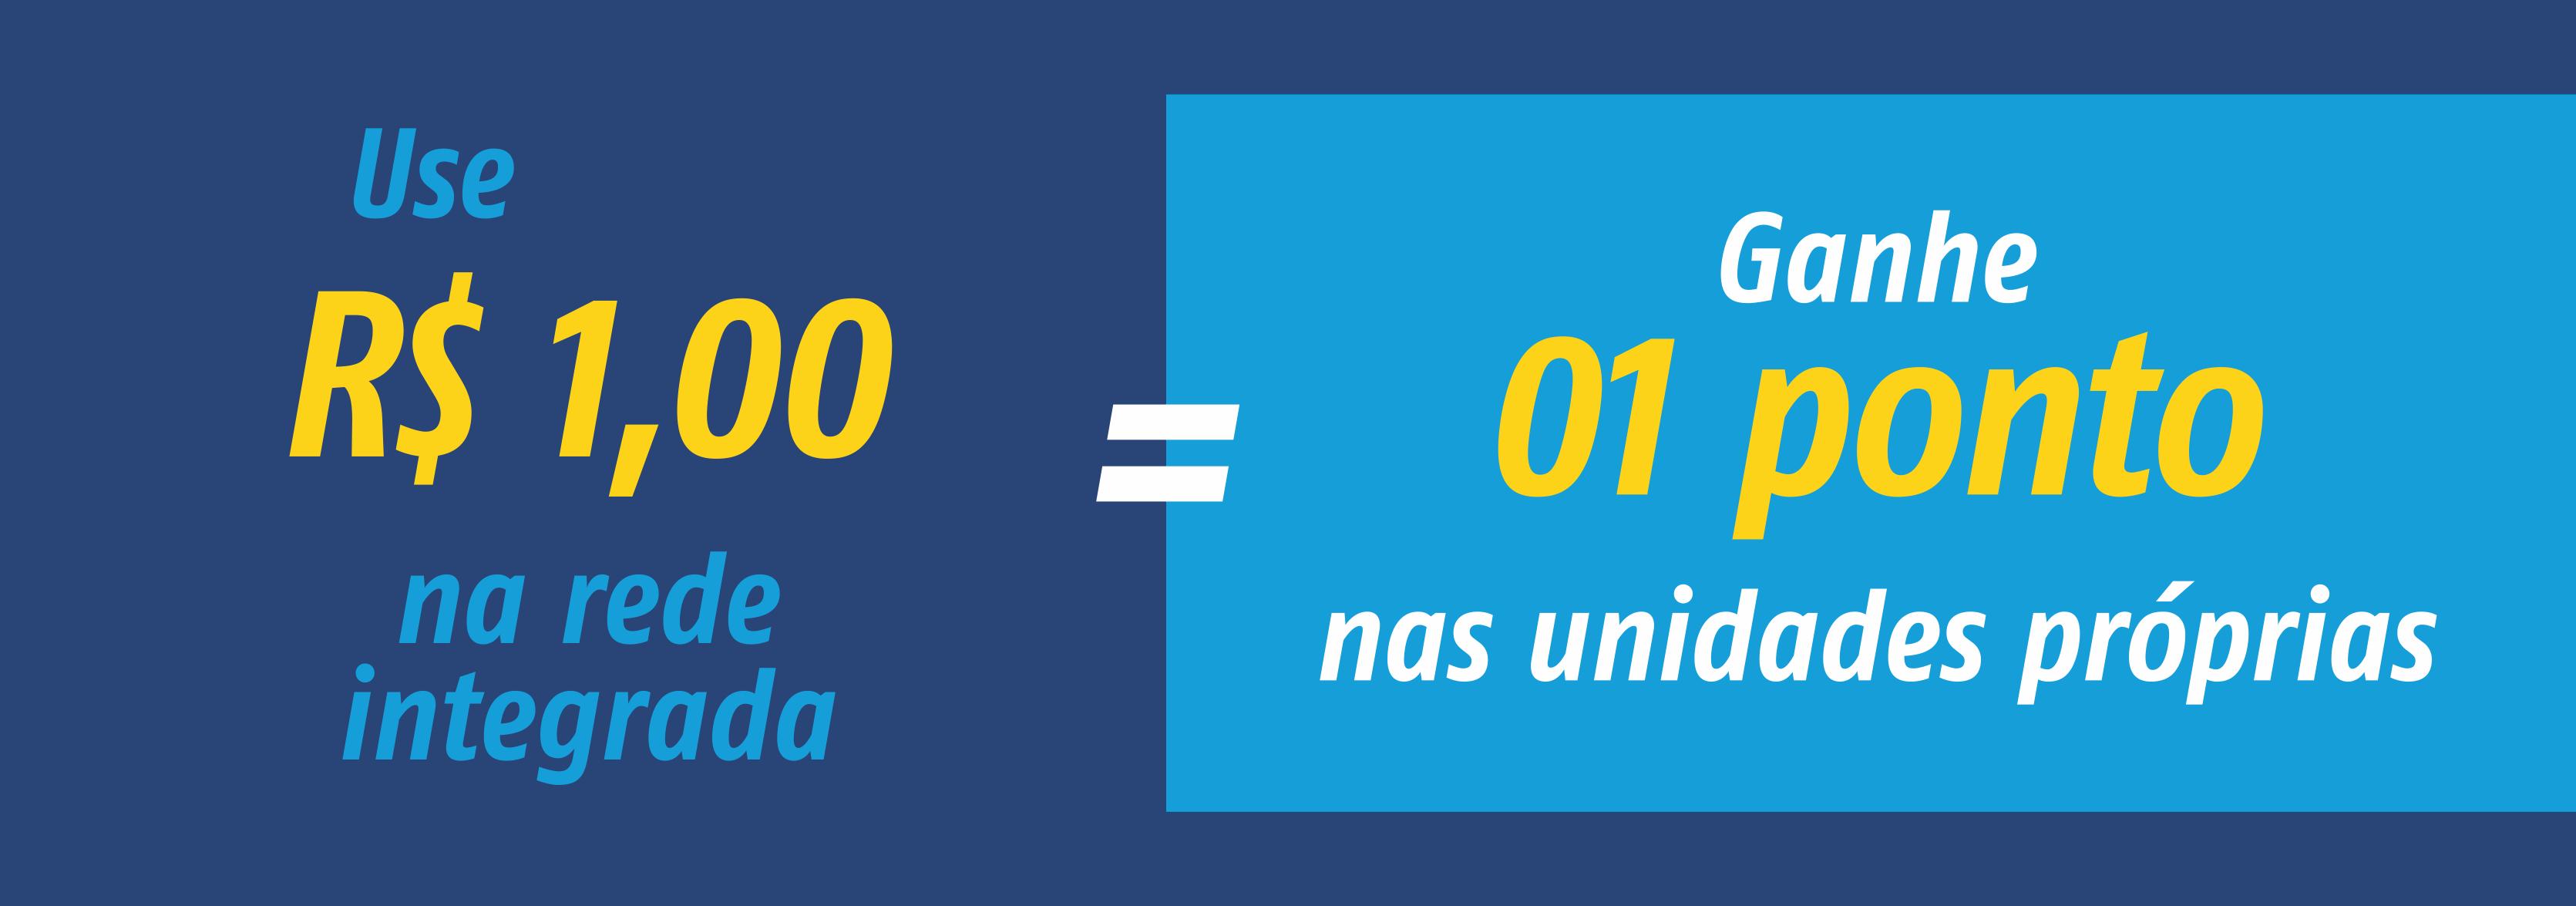 Use R$ 1,00 na rede integrada / Ganhe 01 ponto nas unidades próprias